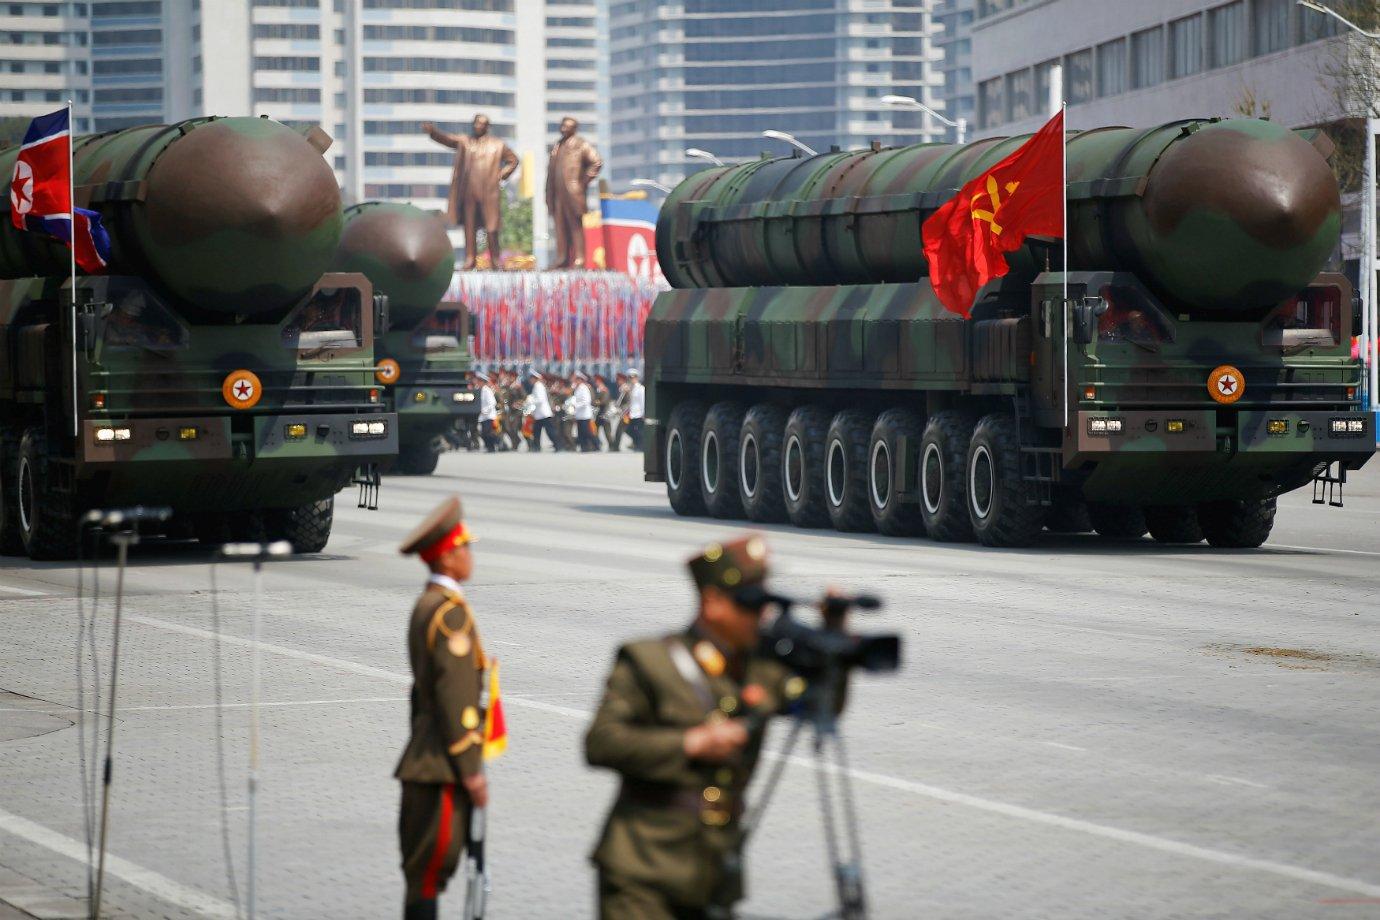 Desfile militar em razão dos 105 anos do fundador da Coreia do Norte